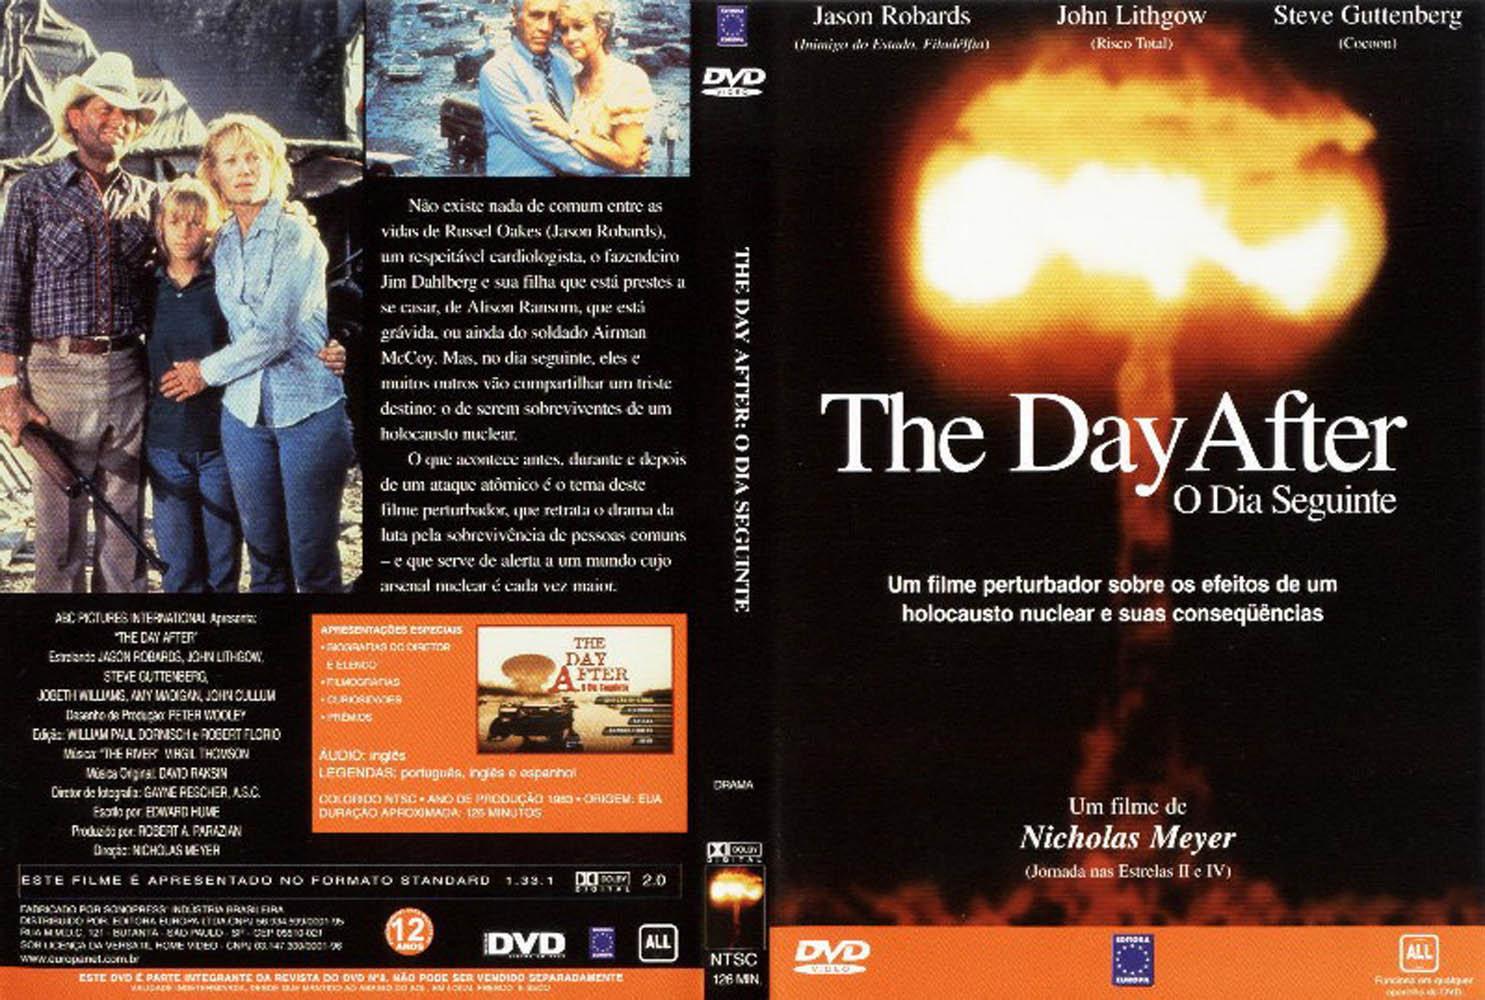 Capas Filmes Suspense: The Day After - O Dia Seguinte